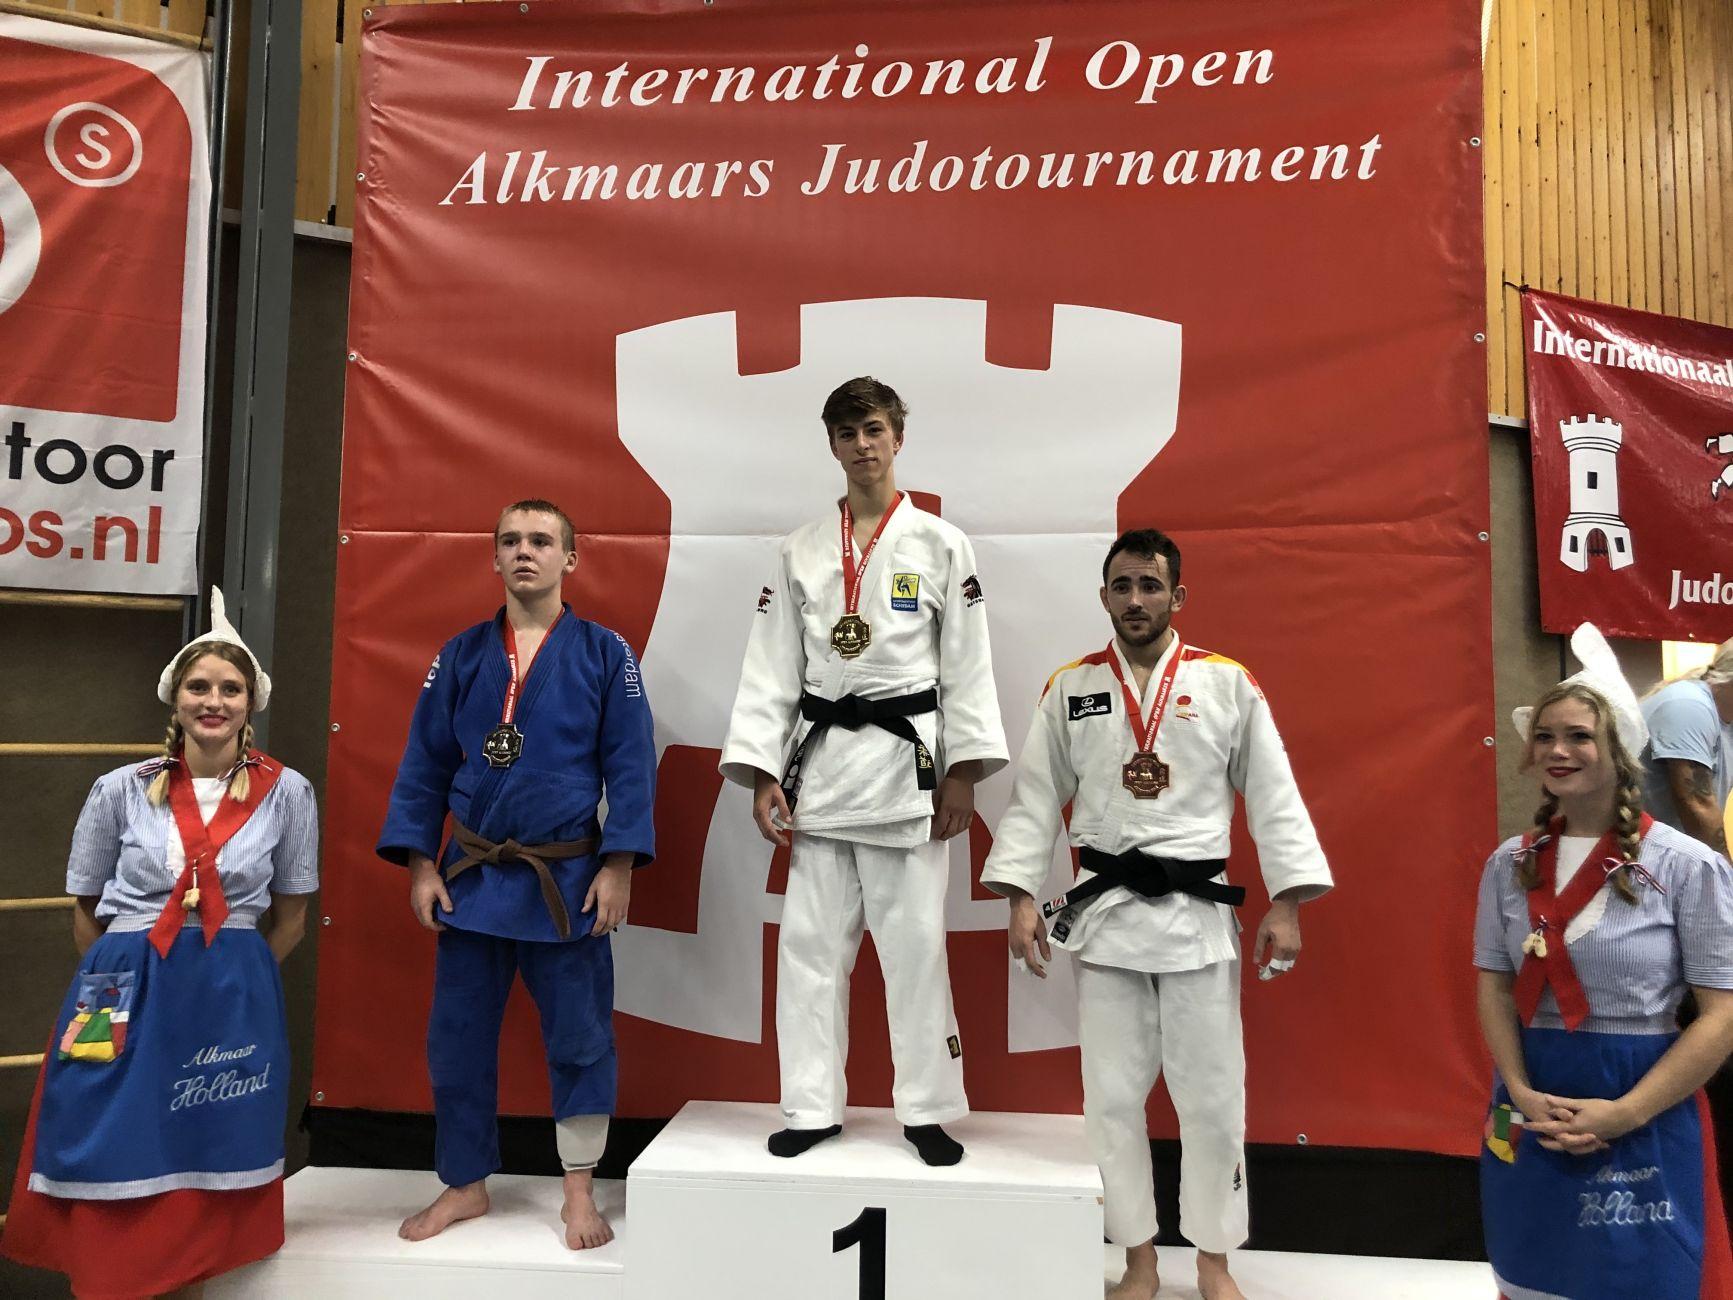 Twaalf medailles voor judoka's Sportinstituut Schiedam in Alkmaar